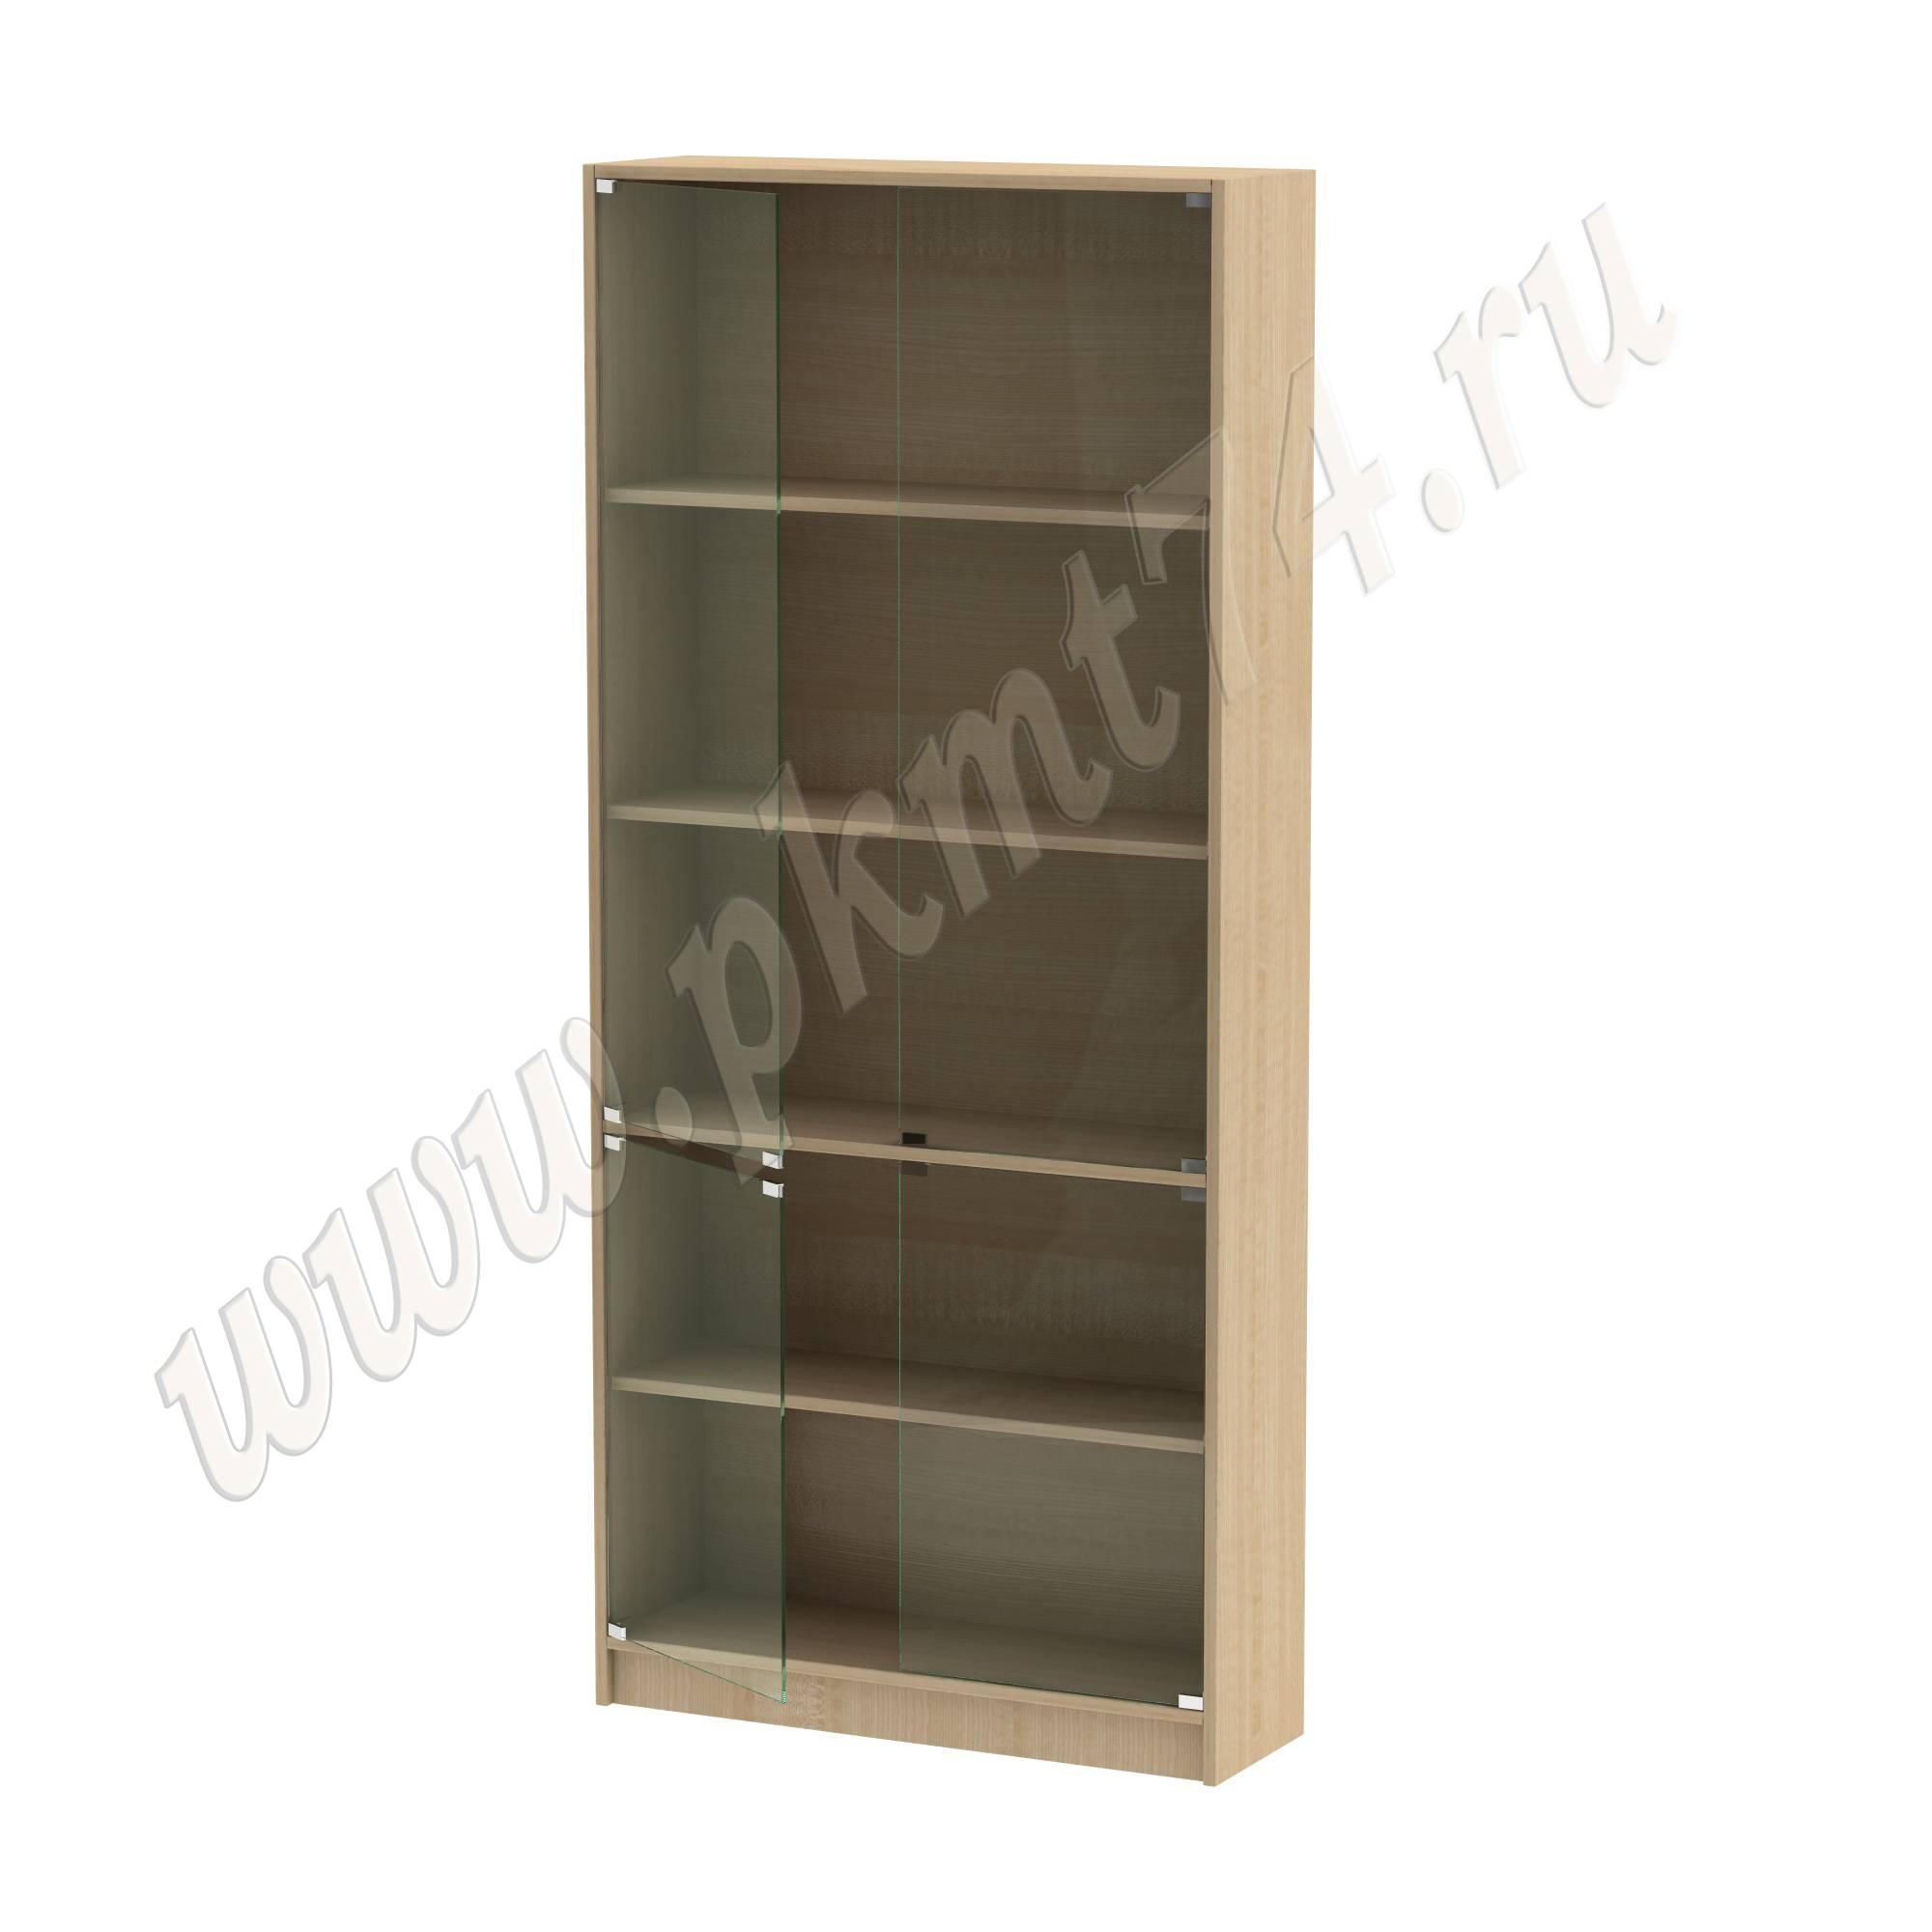 Шкаф витринный со стеклянными дверцами [Цвет ЛДСП:: Клён]